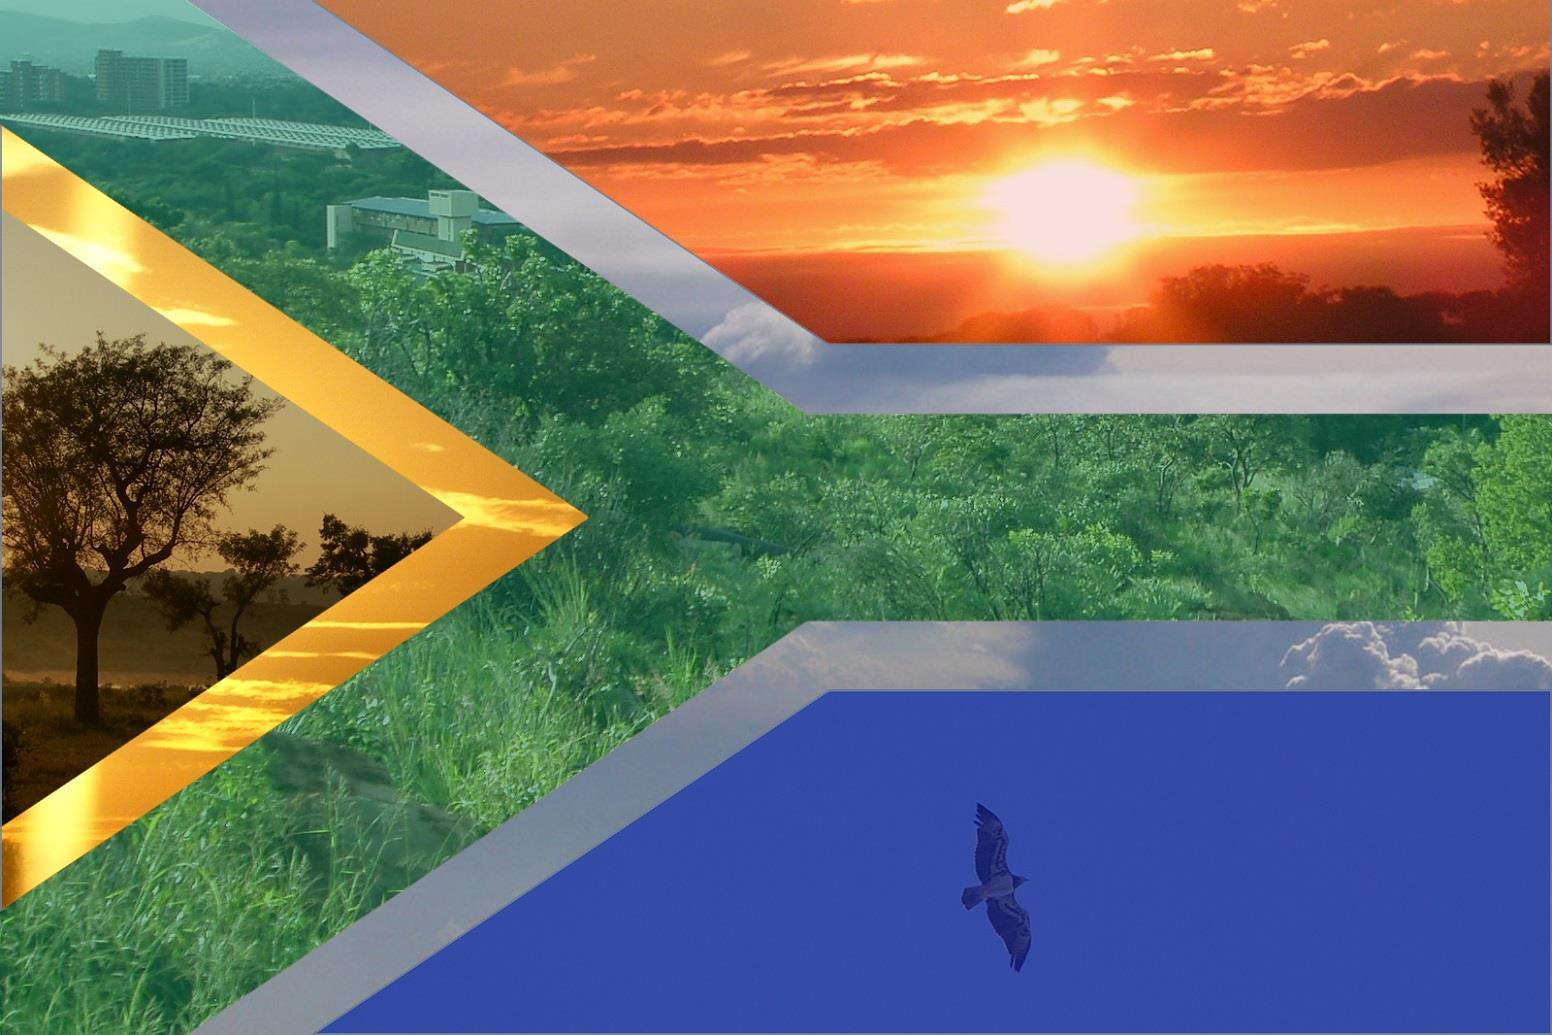 تور 11 روزه آفریقای جنوبی